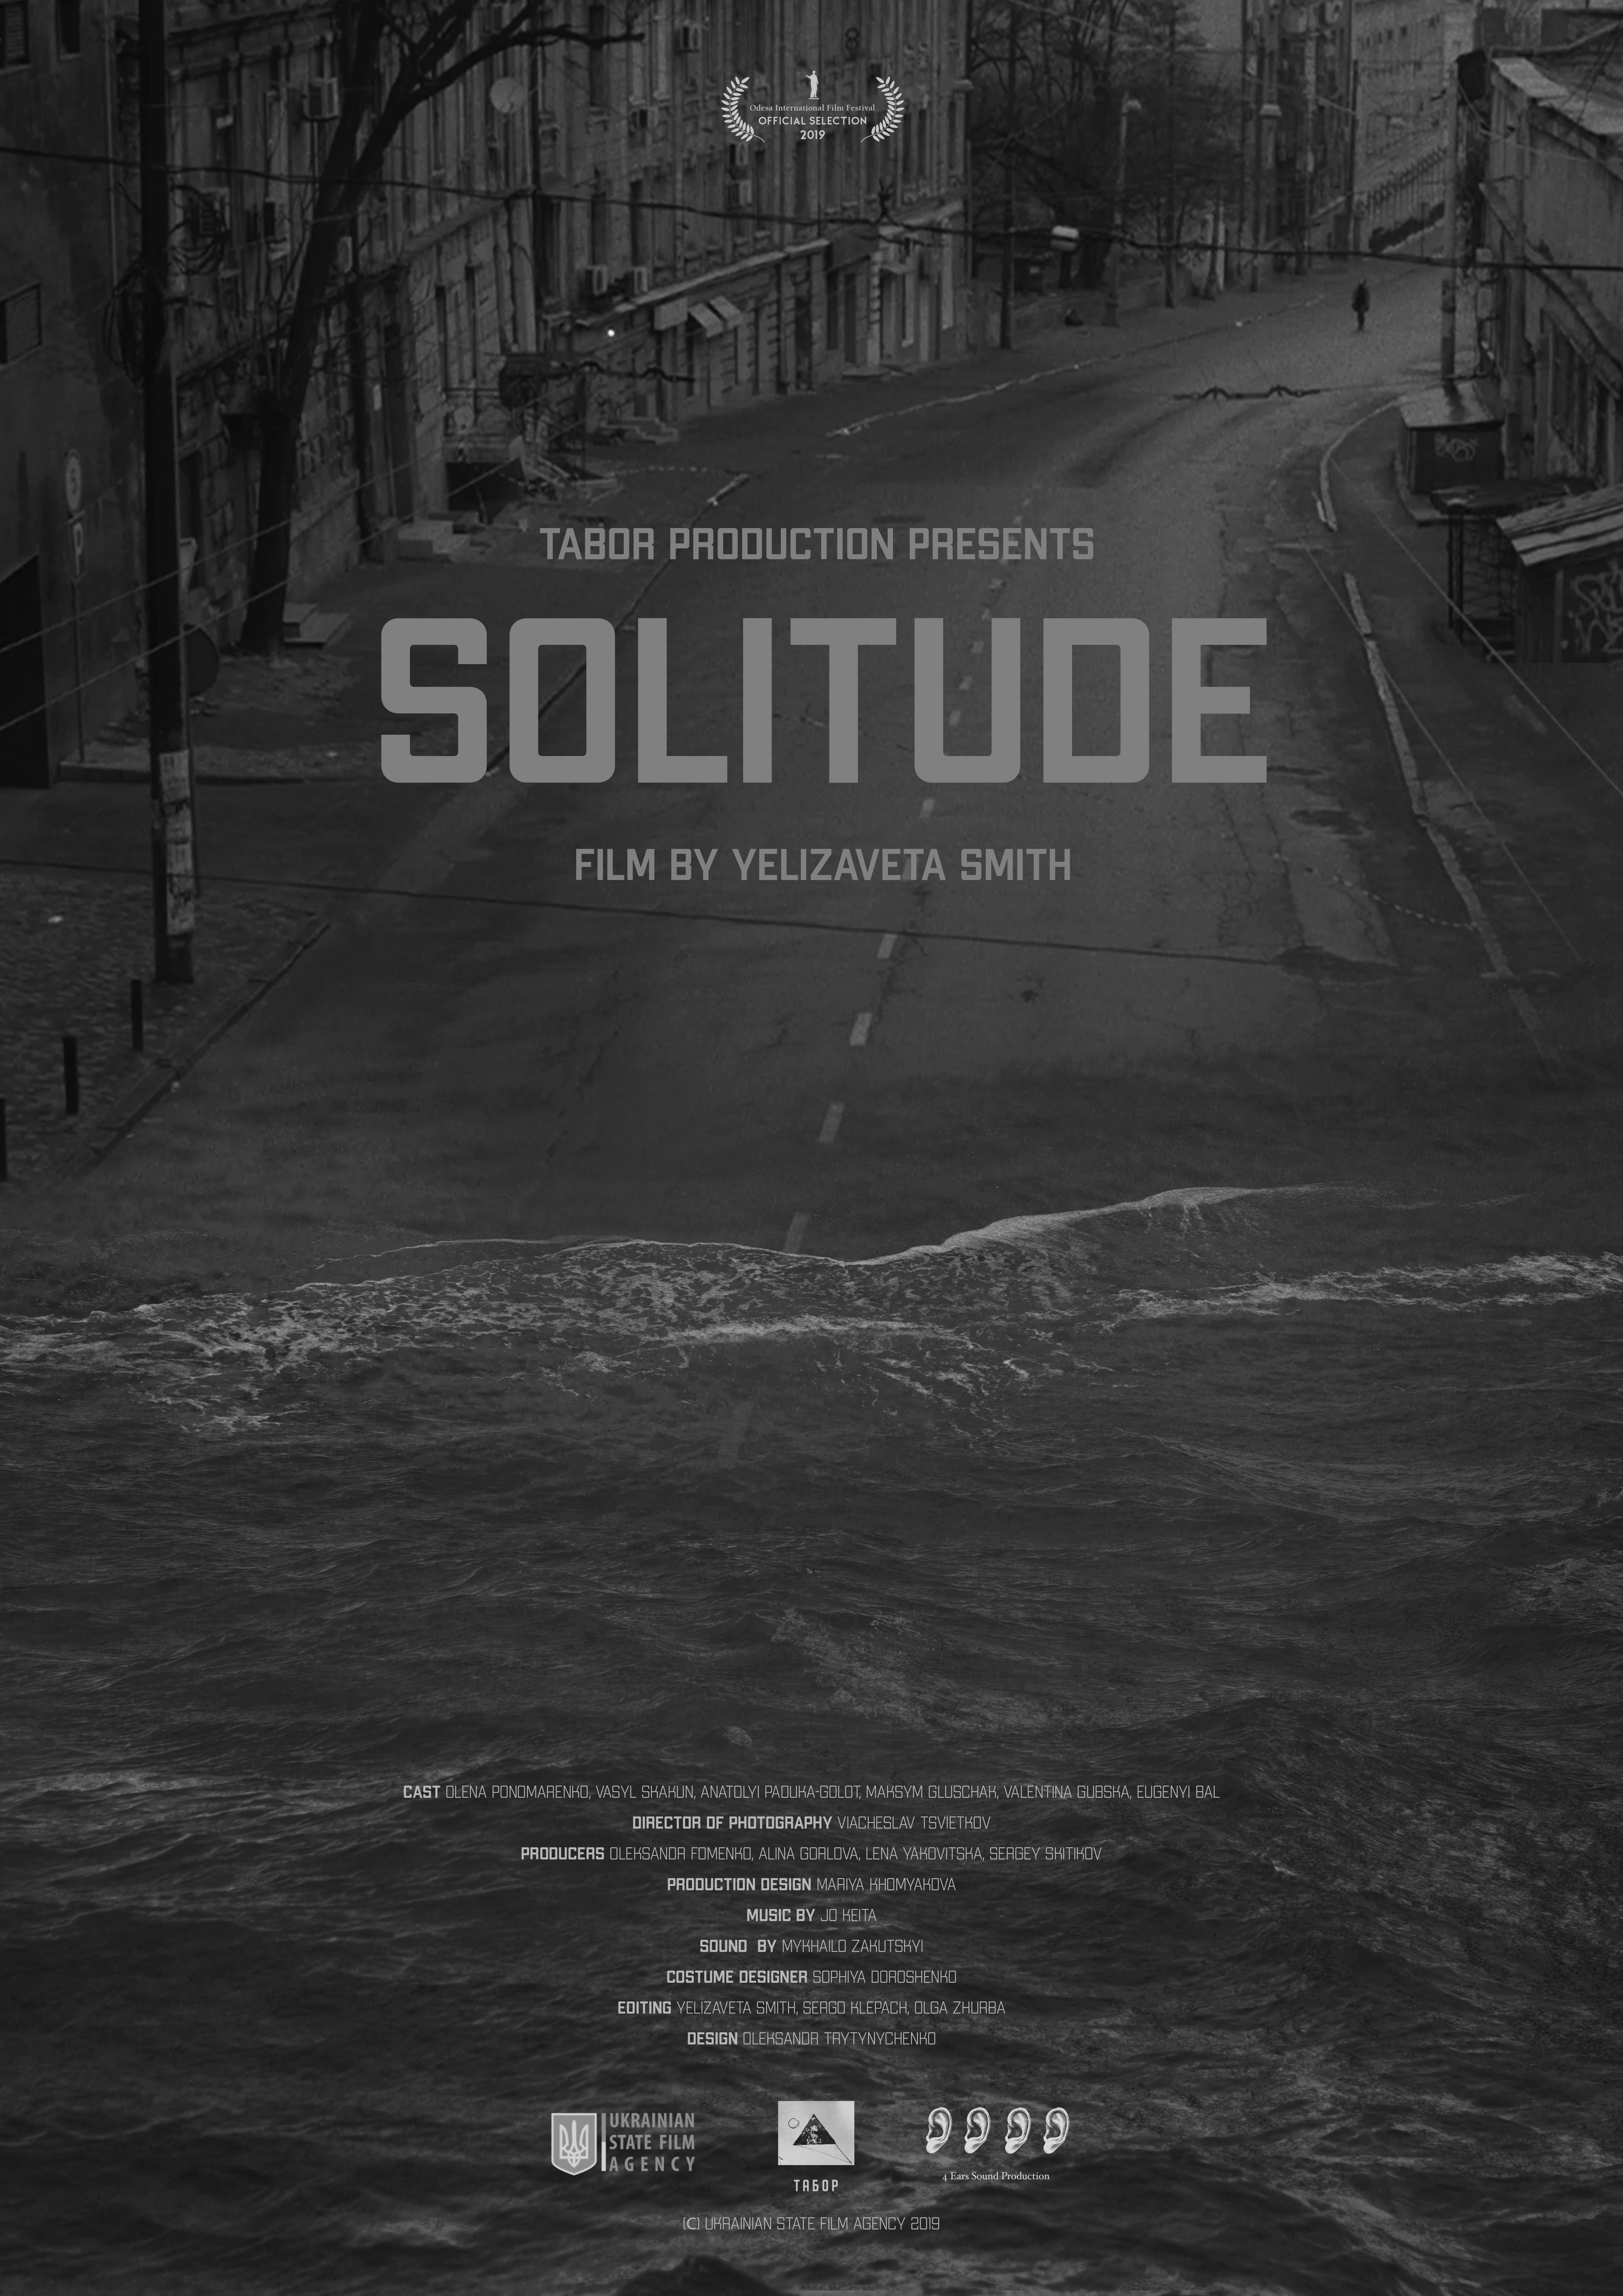 Короткометражний фільм Solitude режисерки Єлизавети Сміт візьме участь у фестивалі Raindance